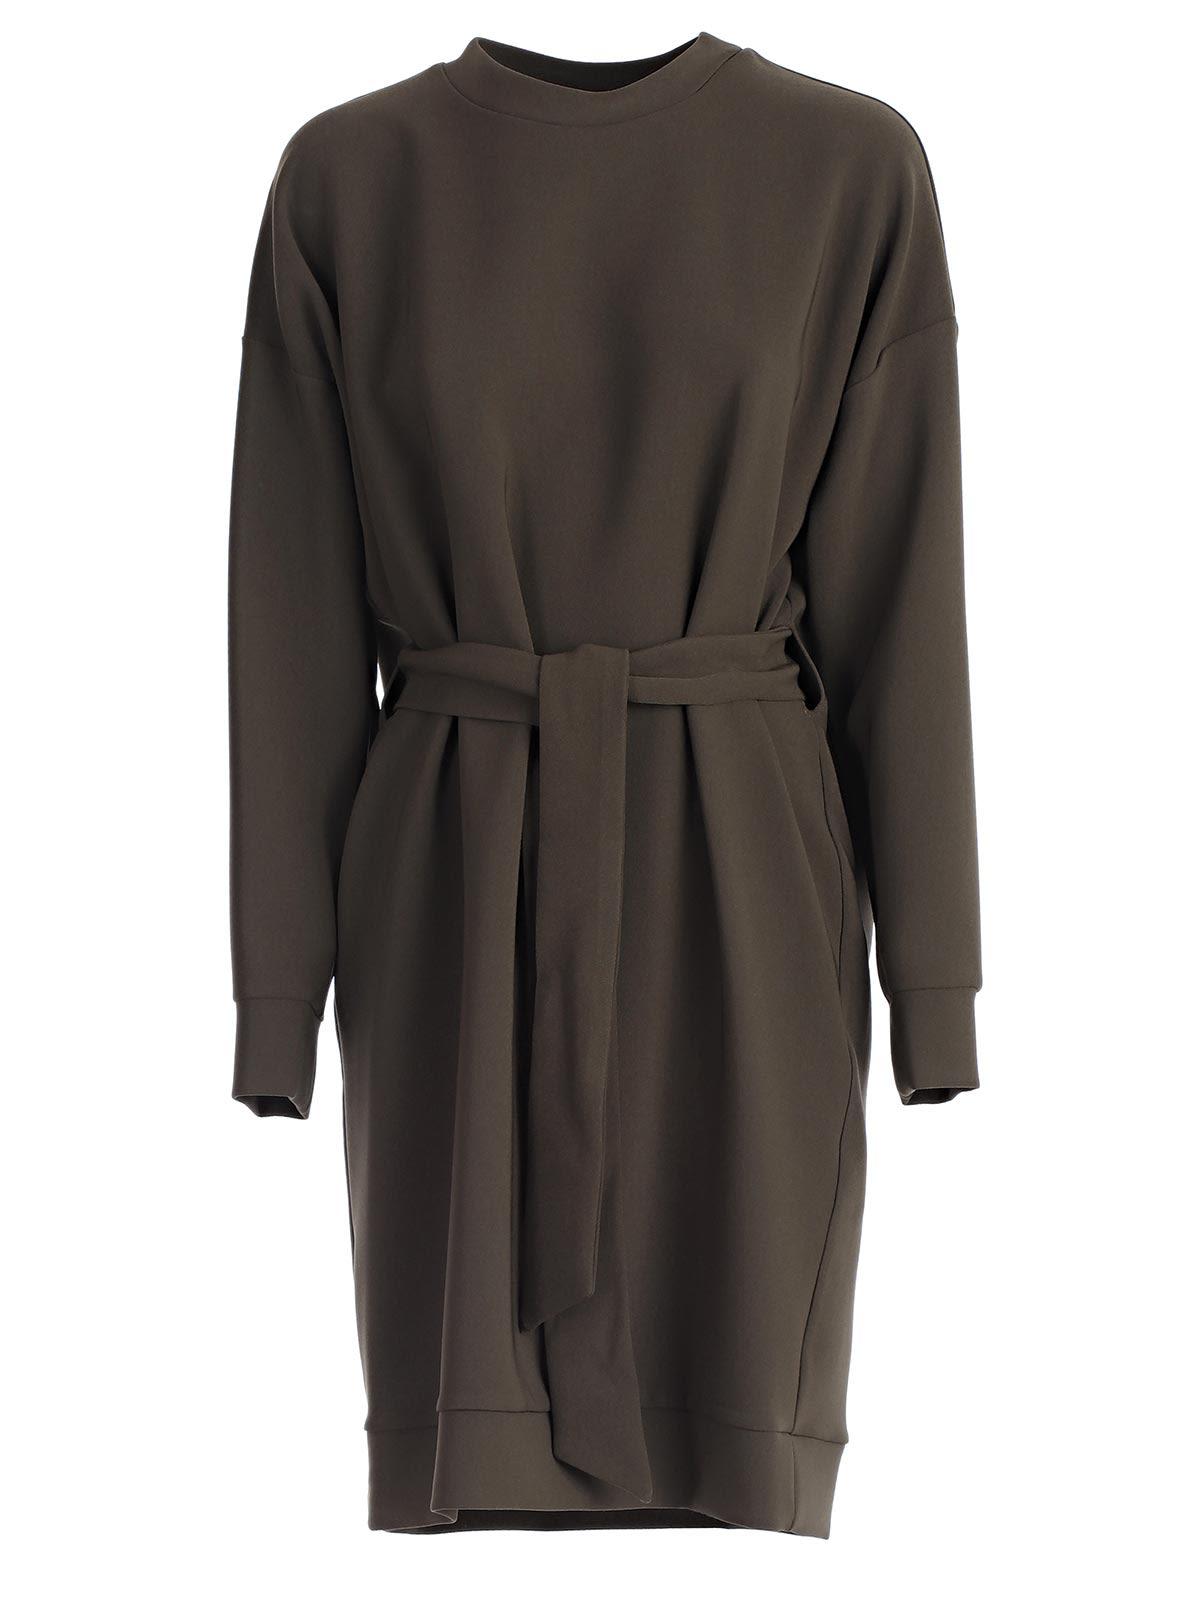 PAROSH BELTED SWEATSHIRT DRESS